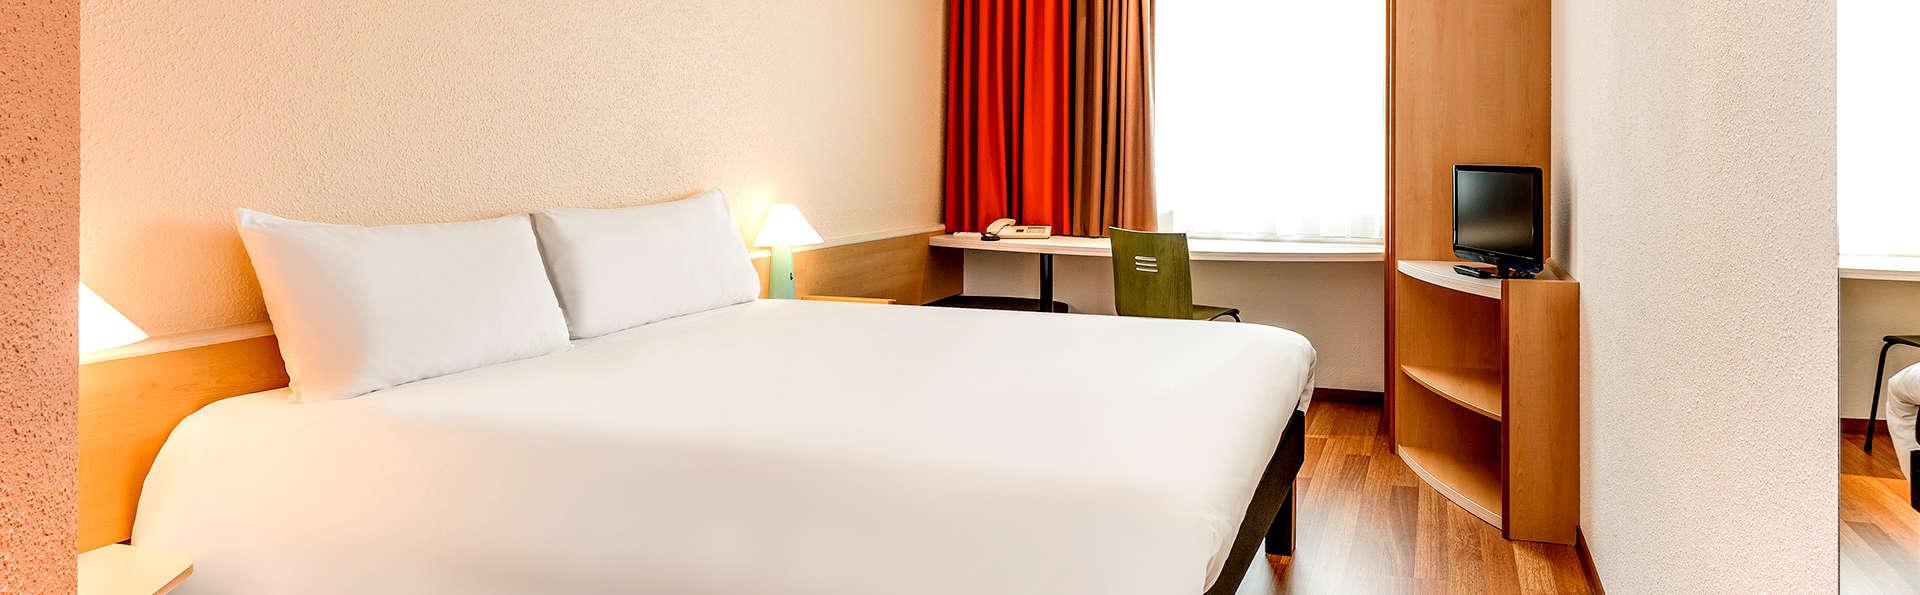 Hotel Ibis Jerez De La Frontera Jerez De La Frontera España